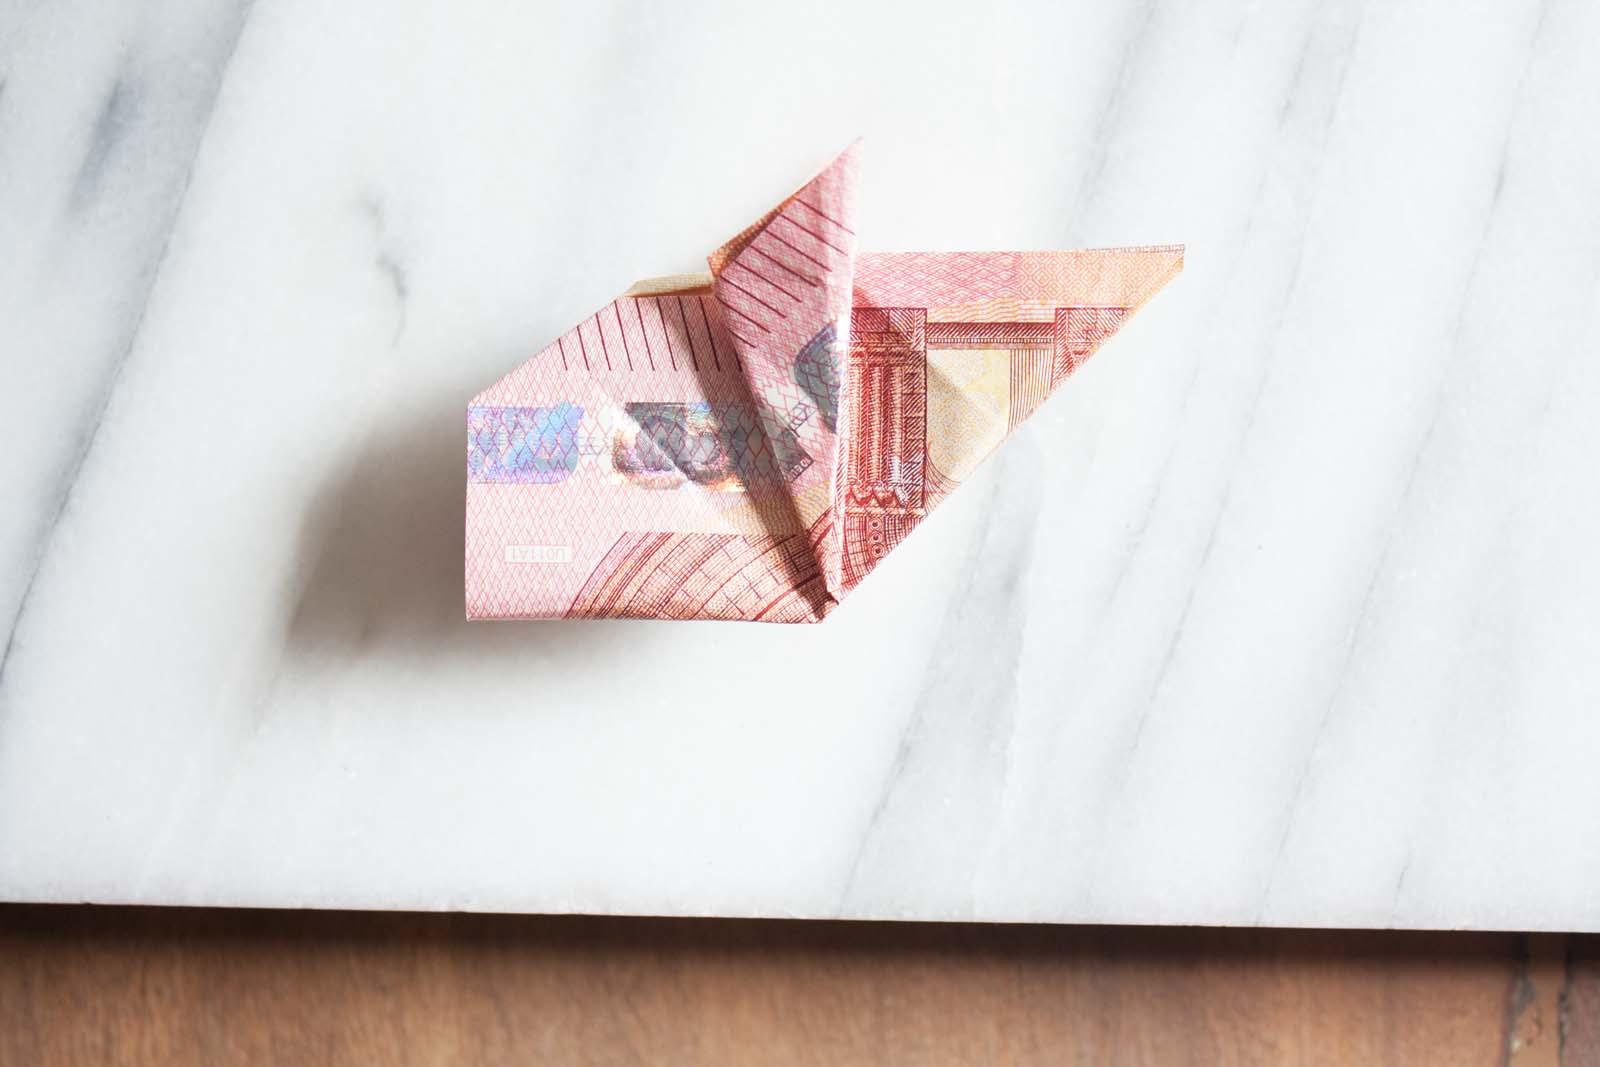 Geldscheine falten: Schweinchen ist erkennbar